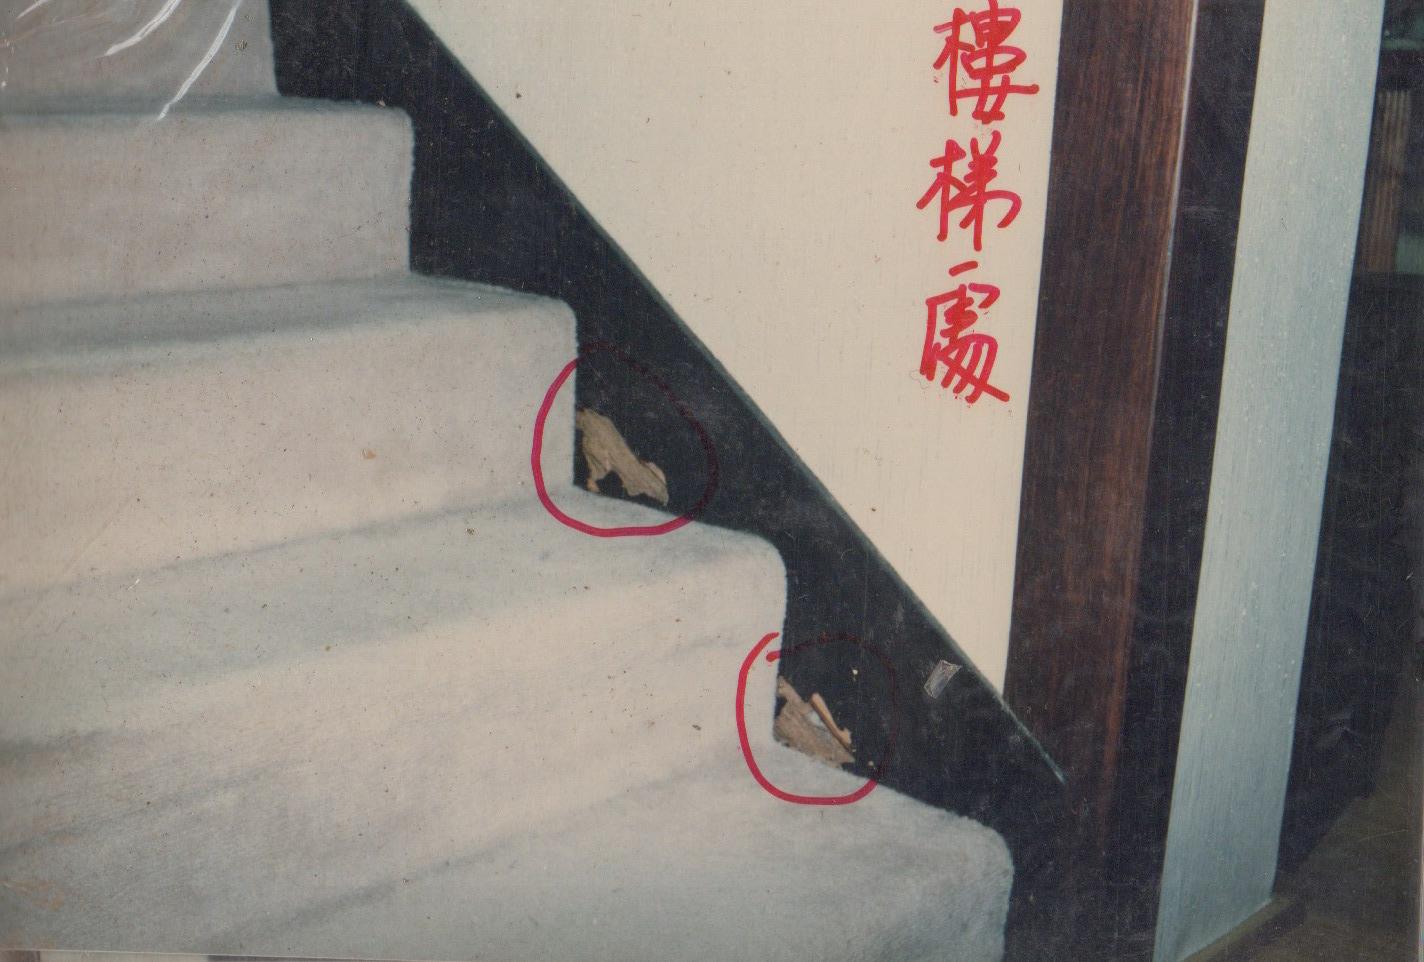 白蟻驅除預防 - 86.jpg